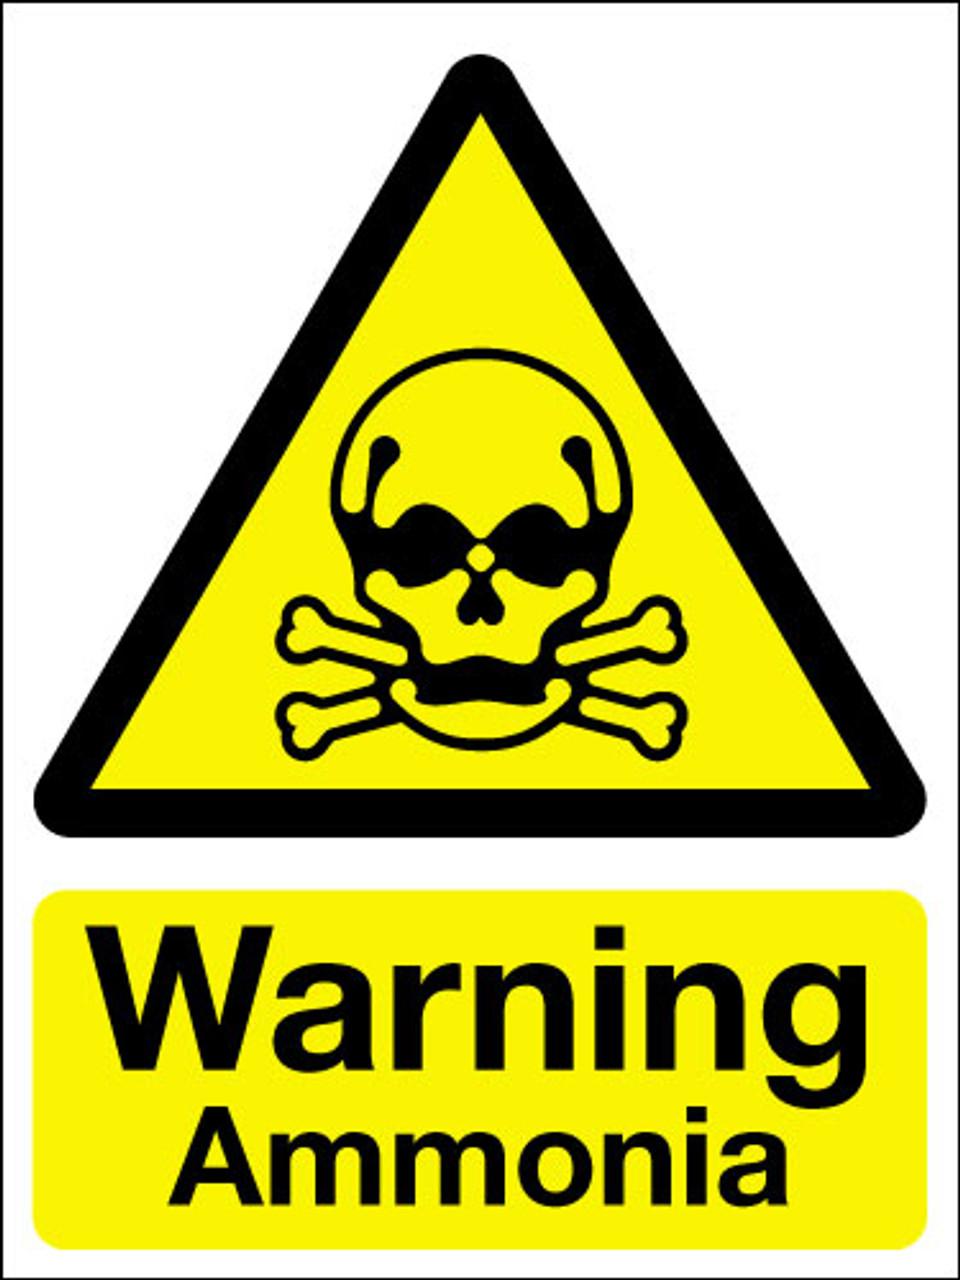 Warning ammonia ign